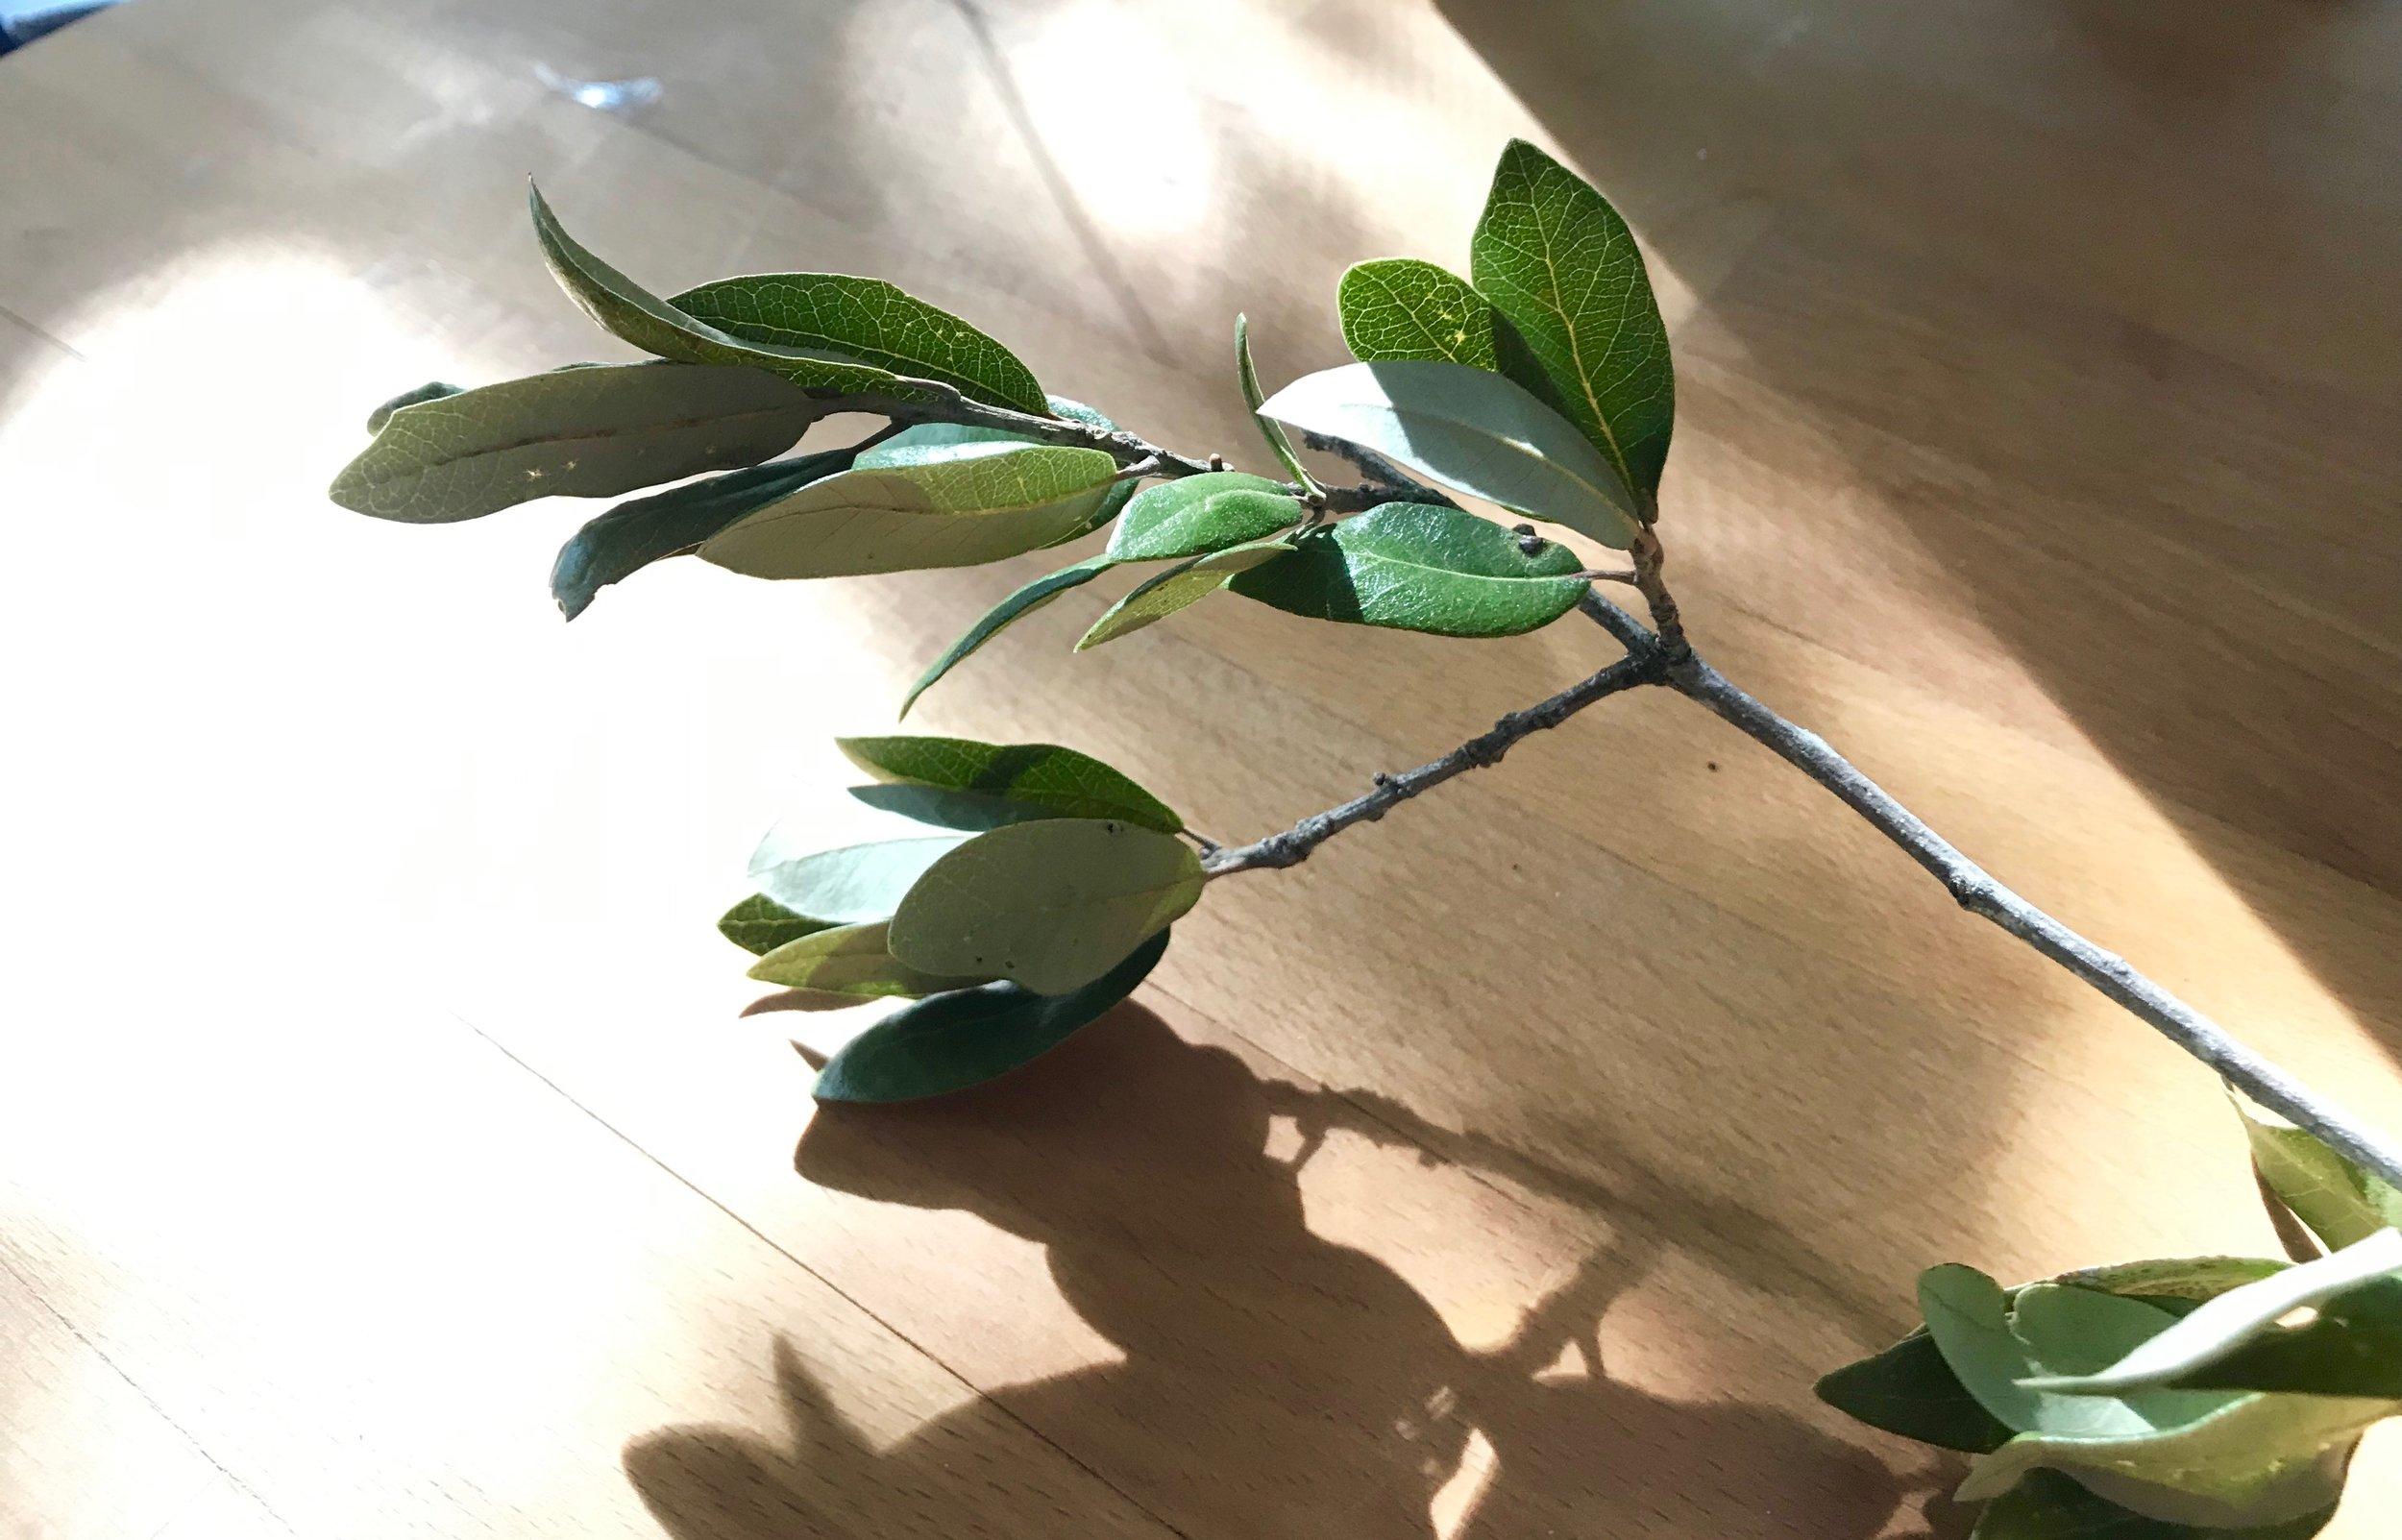 Live Oak Branch